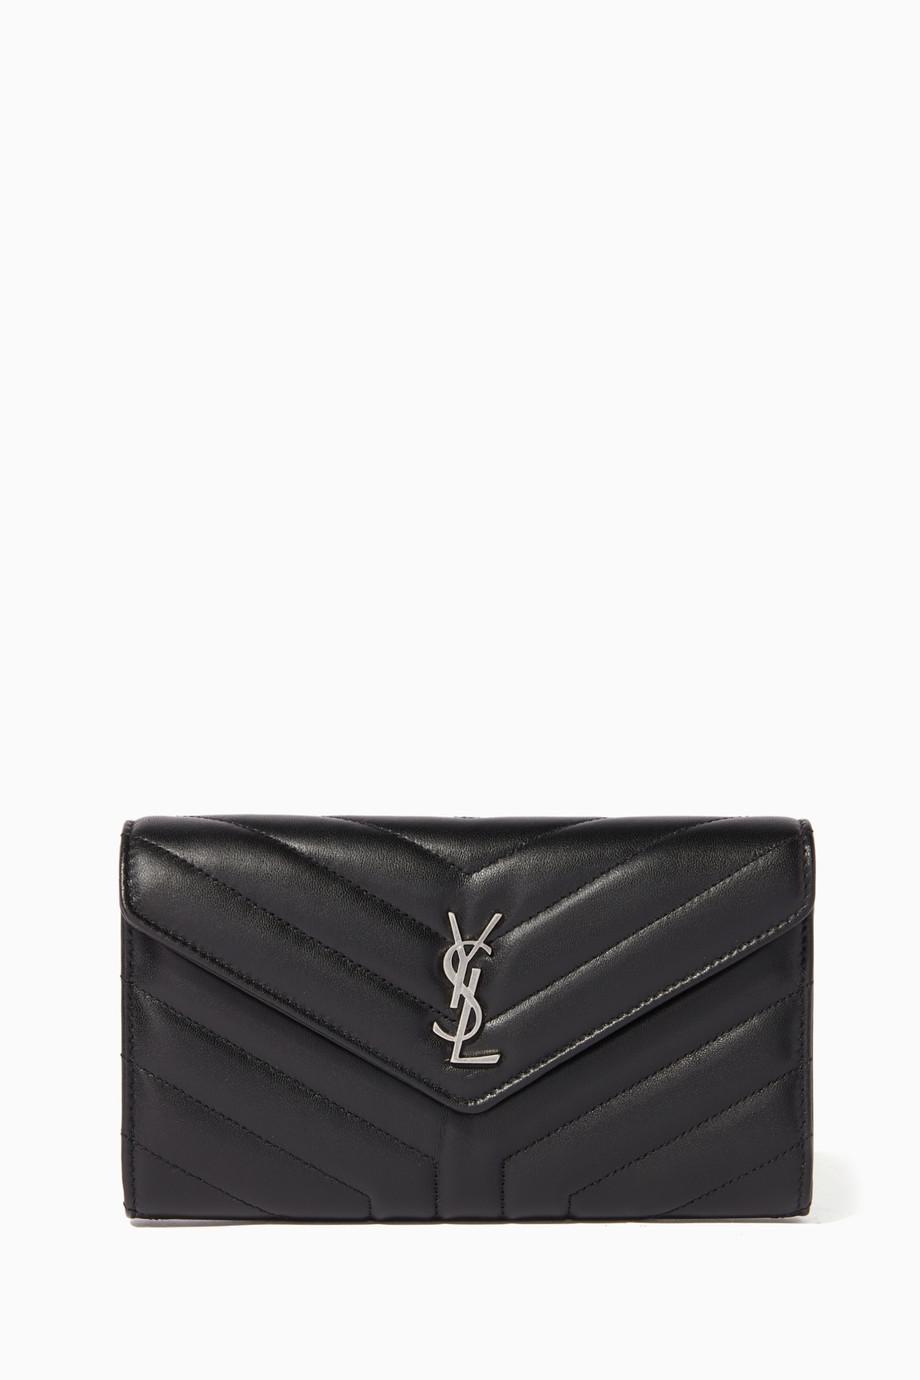 62adbc27198e Shop Saint Laurent Black Black Matelassé Lamb Leather Loulou Wallet for  Women